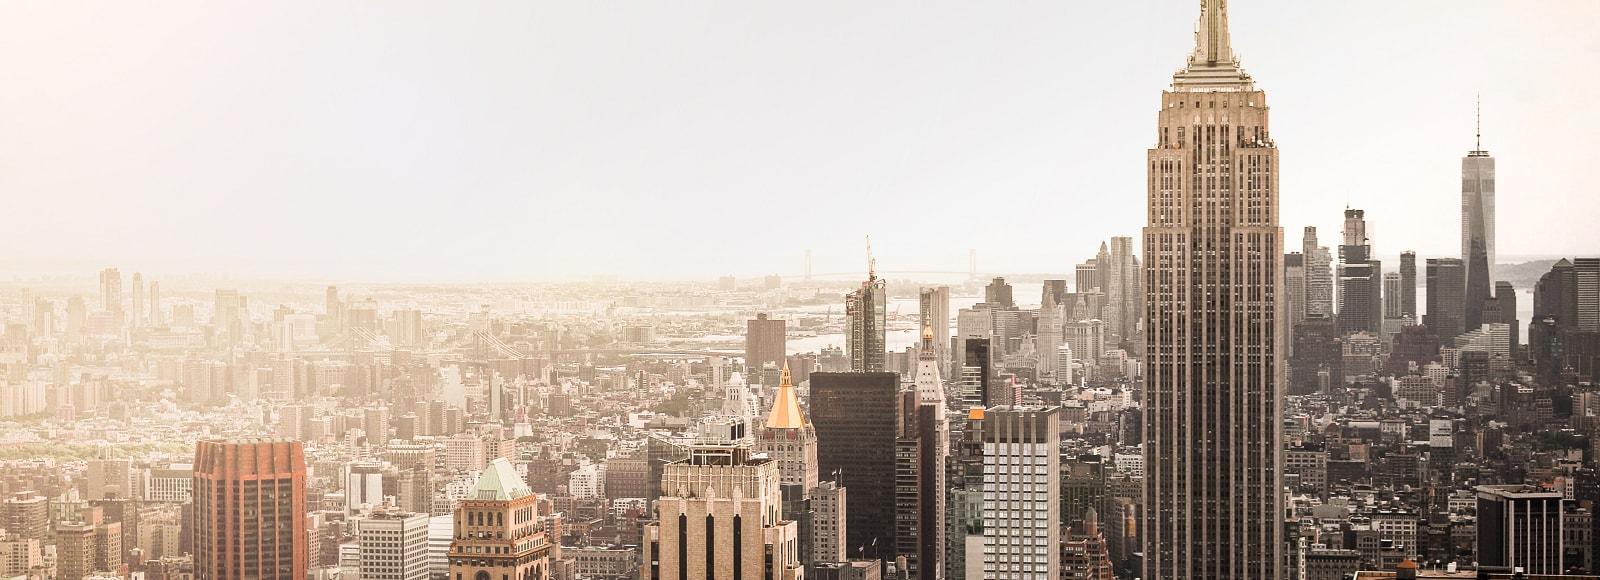 Reisetipps New York: Tipps für eine günstige New York Reise | checkfelix